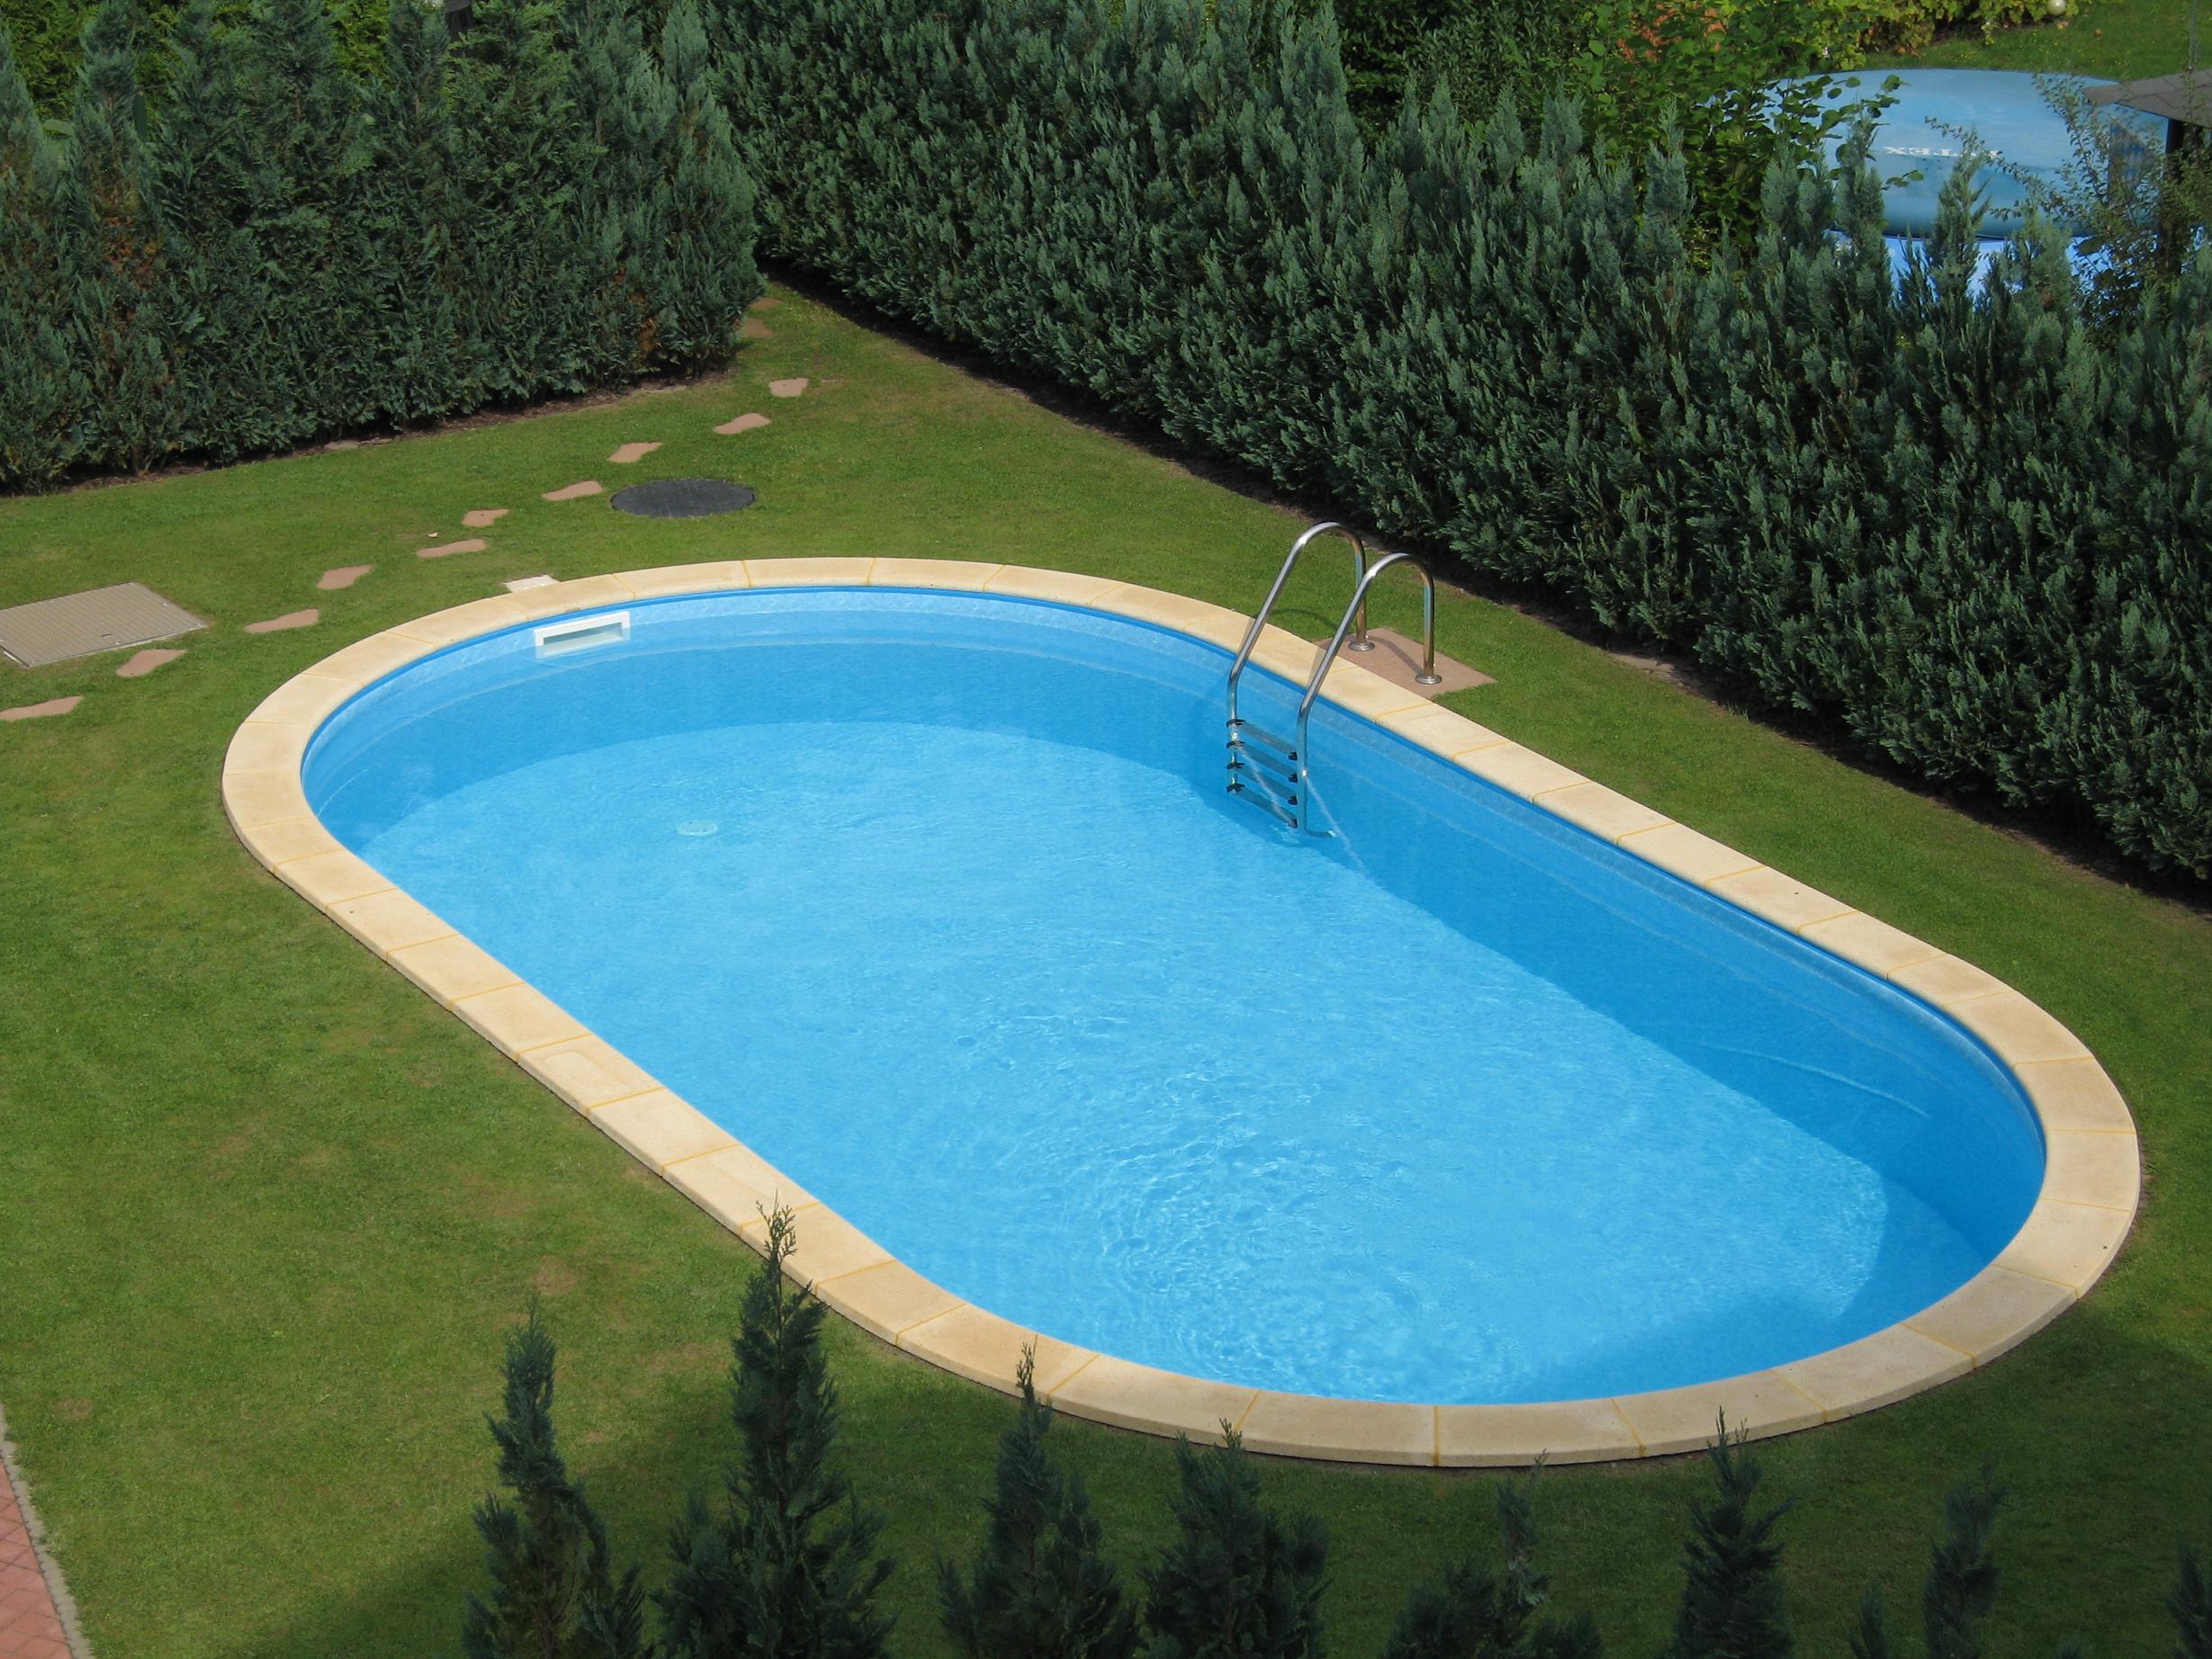 ovalpool future pool. Black Bedroom Furniture Sets. Home Design Ideas